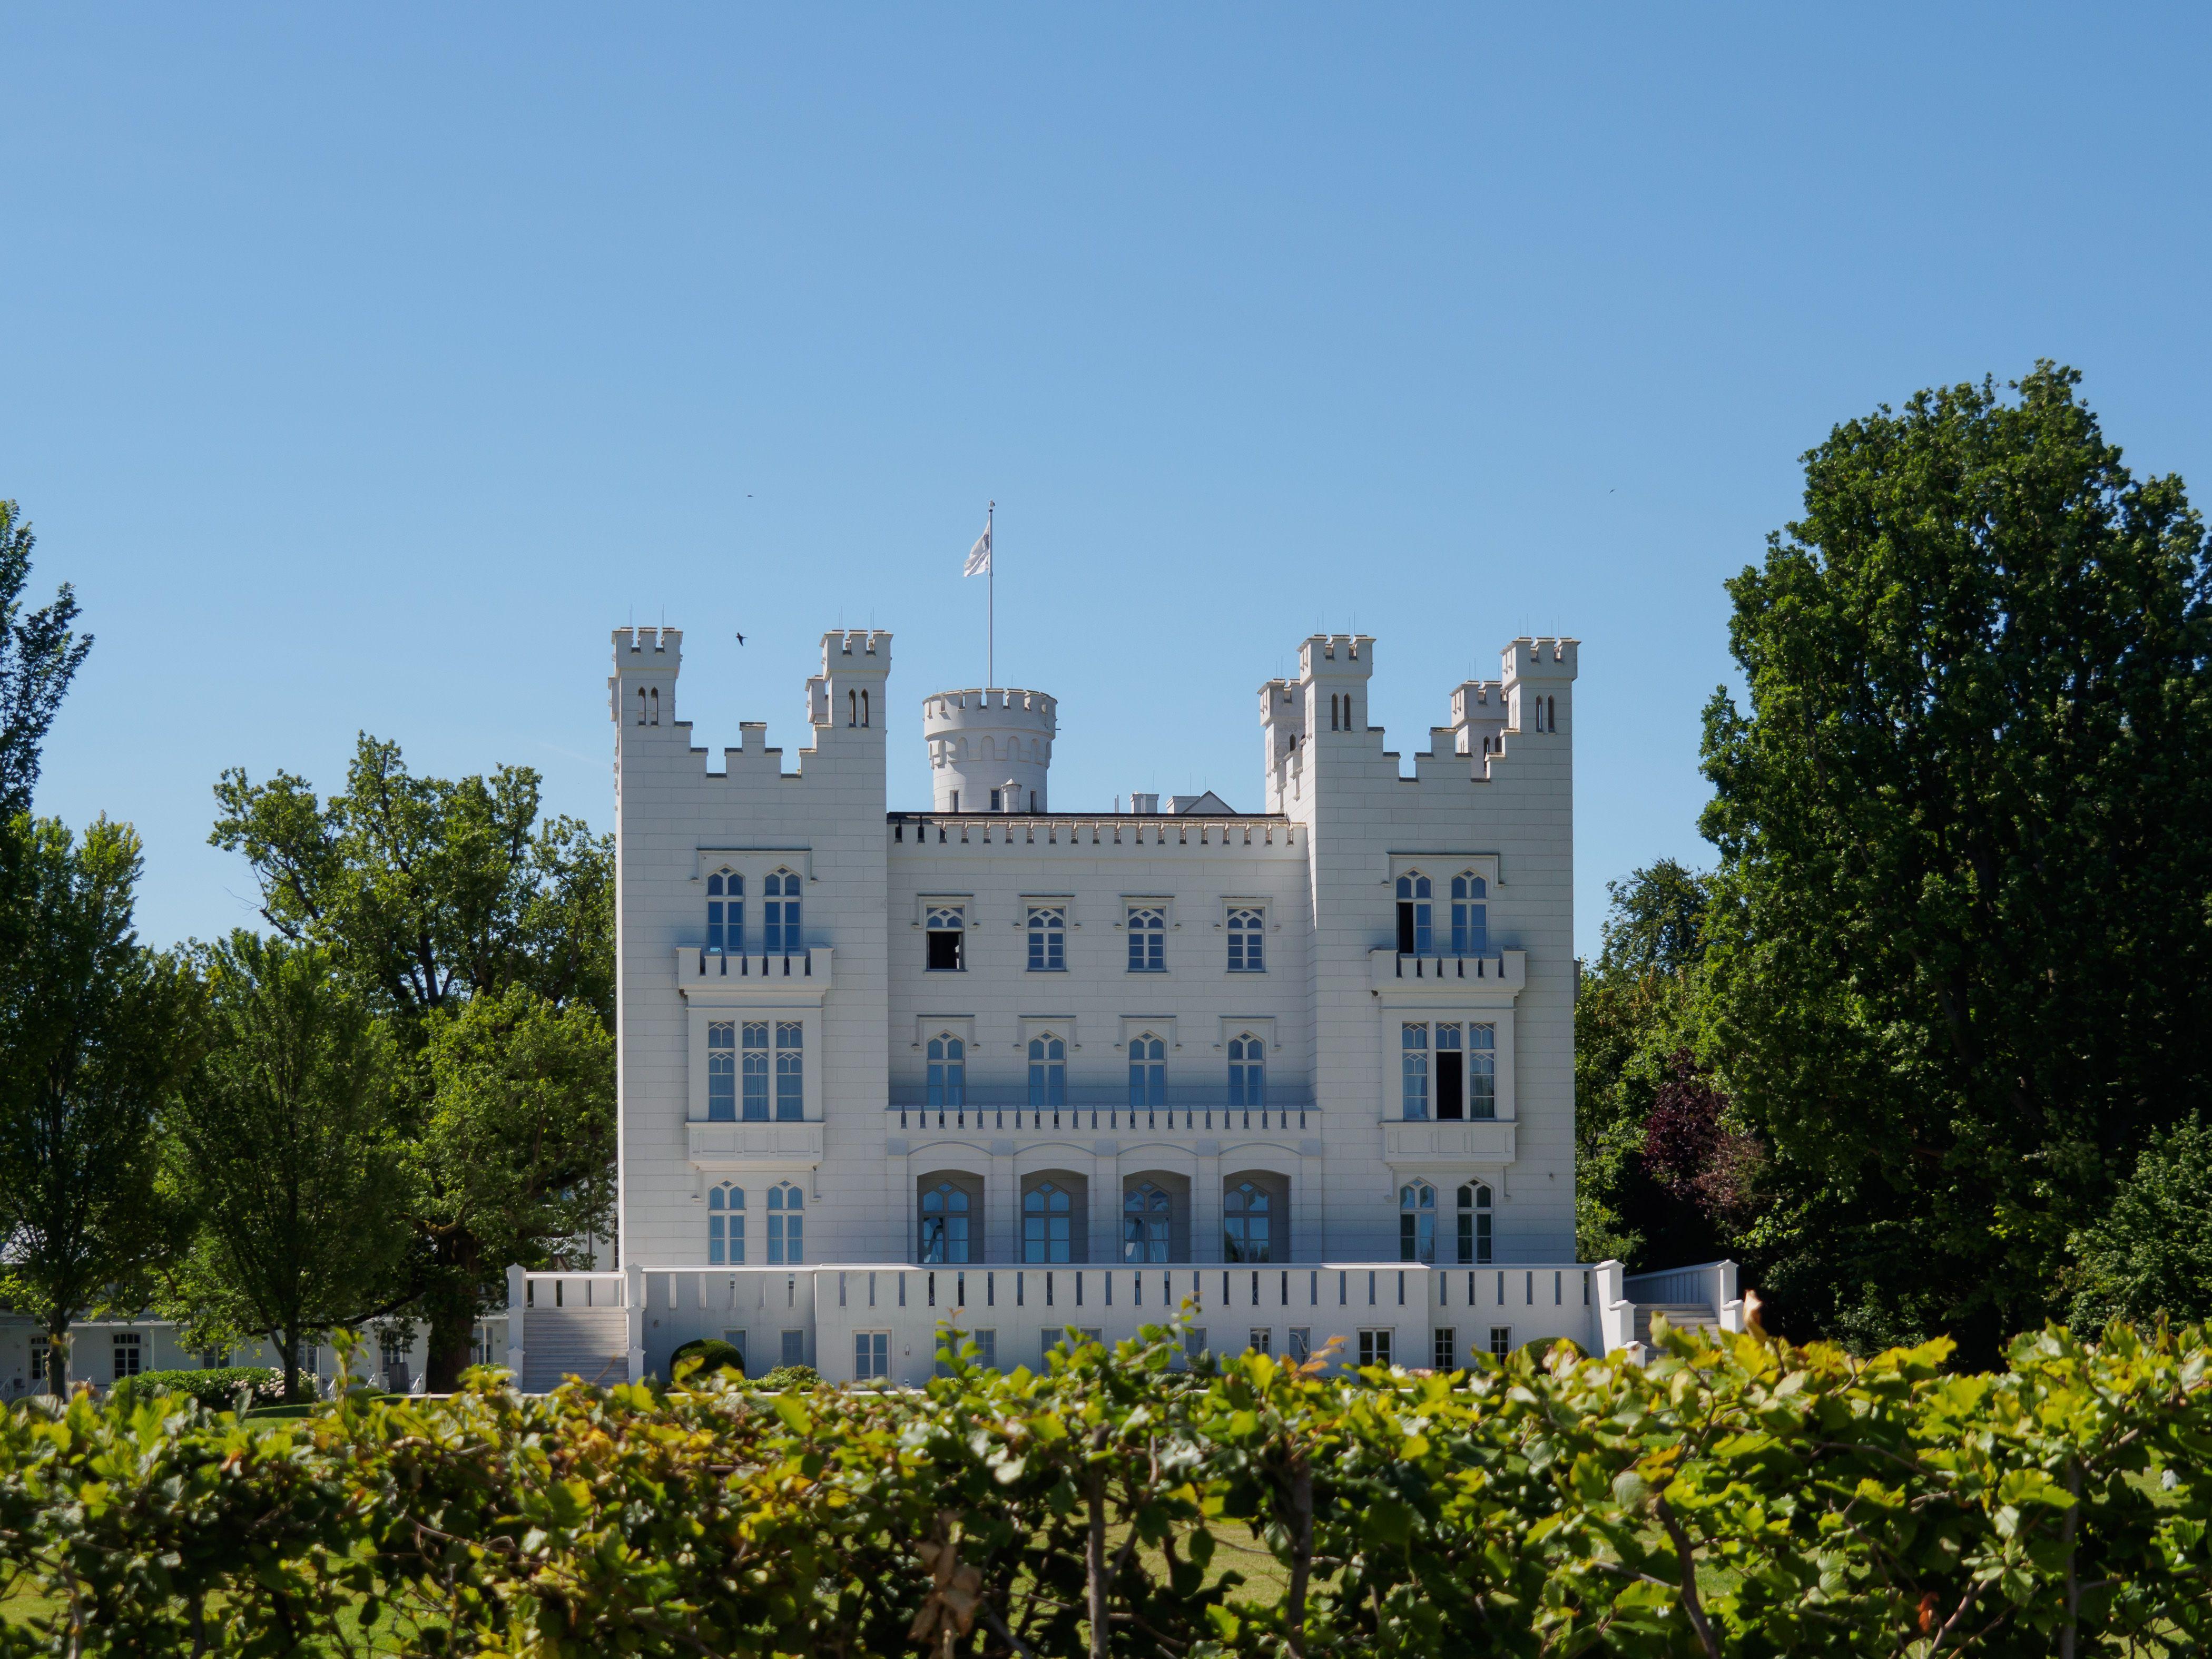 Burg Hohenzollern Grand Hotel Heiligendamm Germany Flickr Heiligendamm Hotel Klassische Architektur